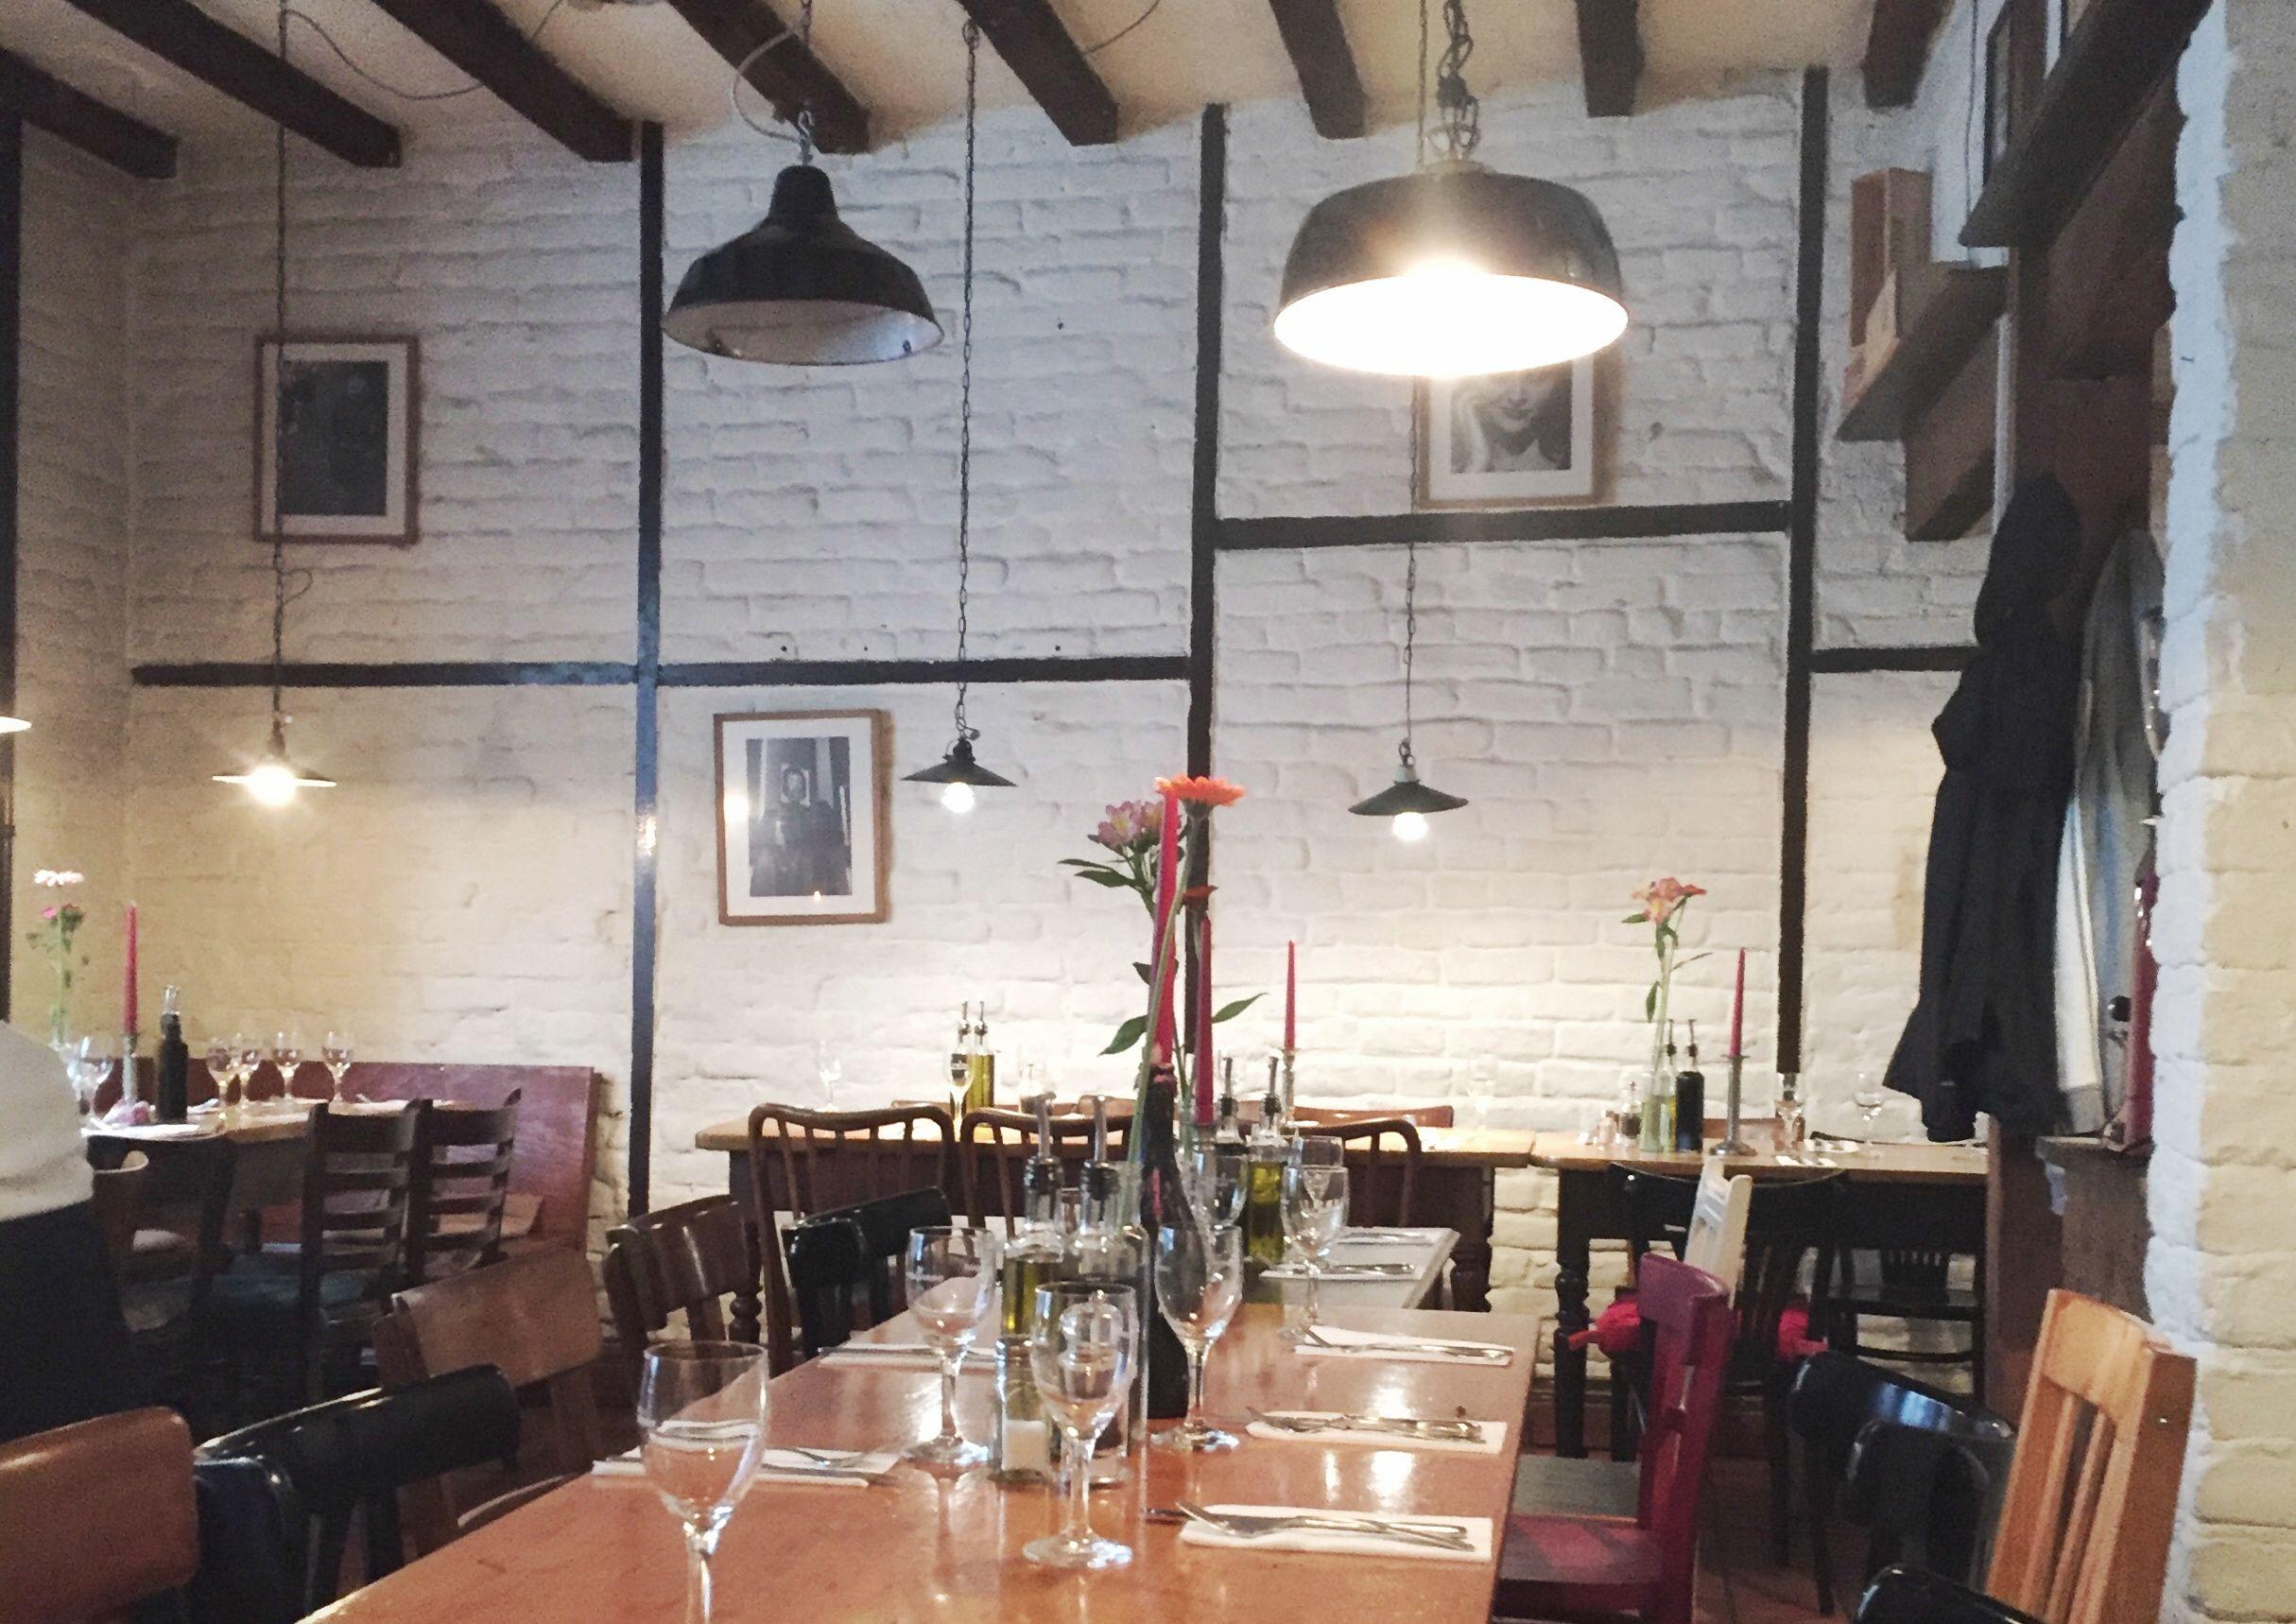 il bagutta köln rathenauviertel bester italiener italienisches essen